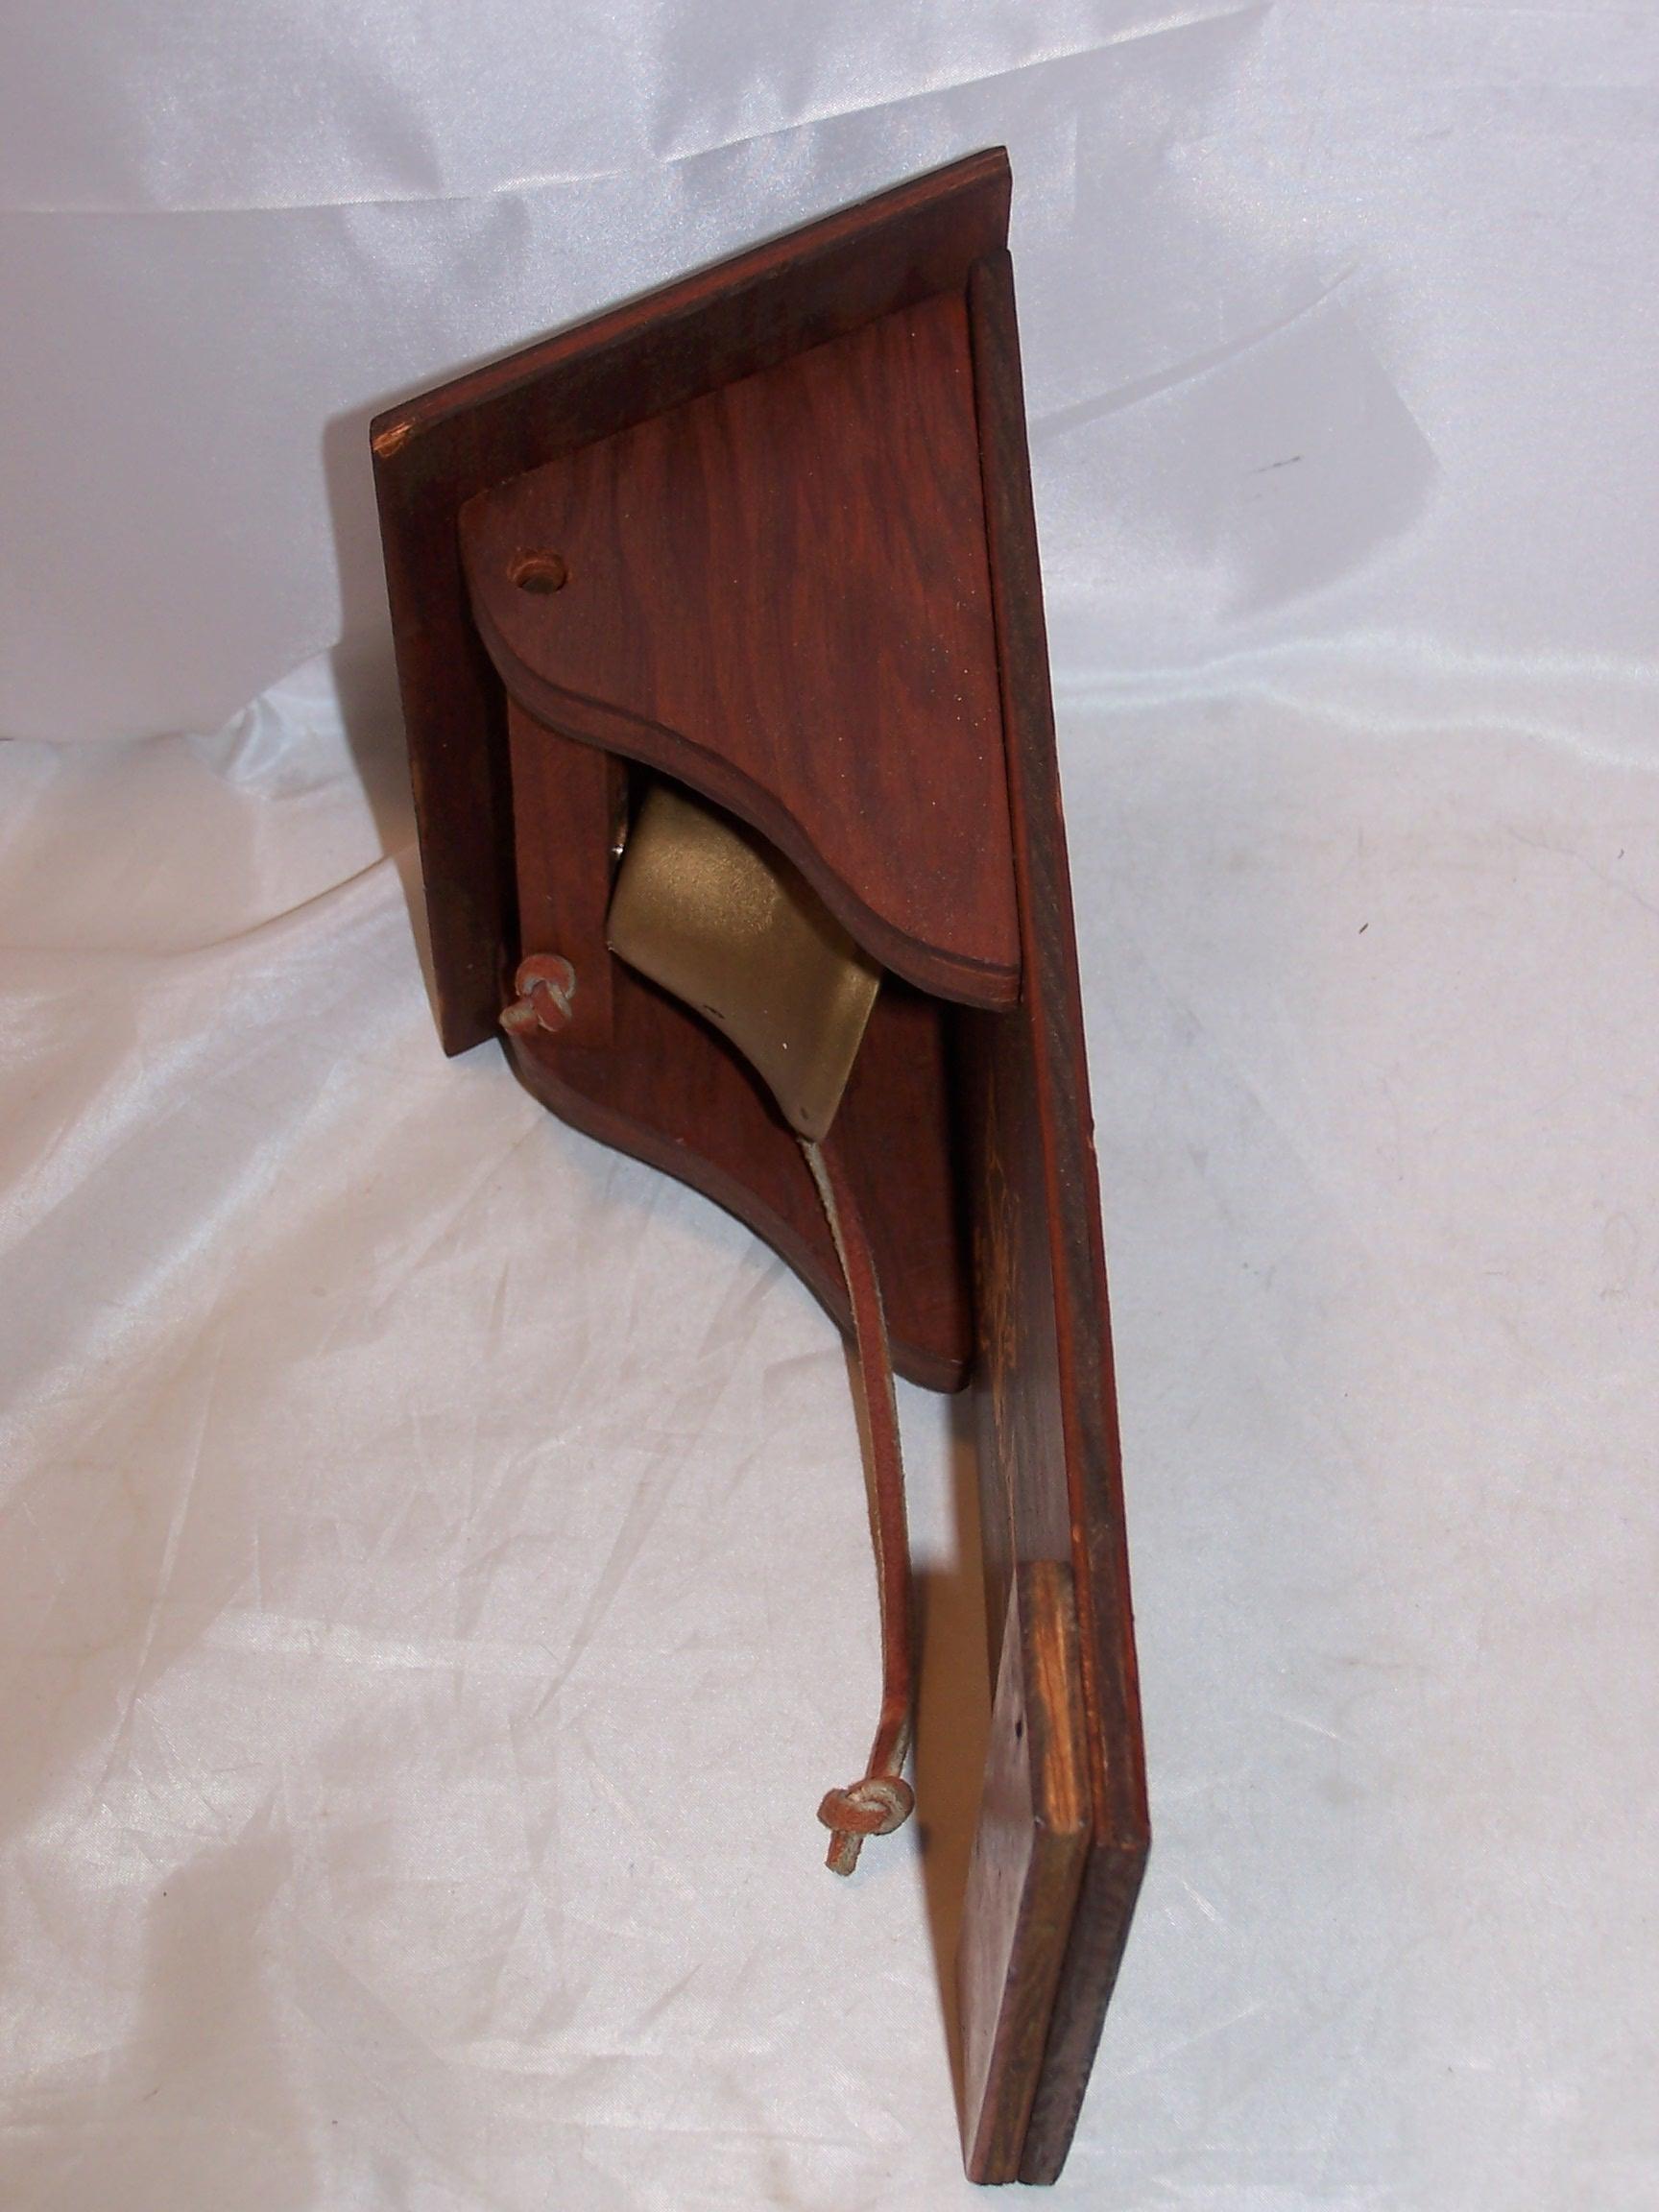 Image 3 of Cowboy Dinner Bell, Wood, Metal, Vintage